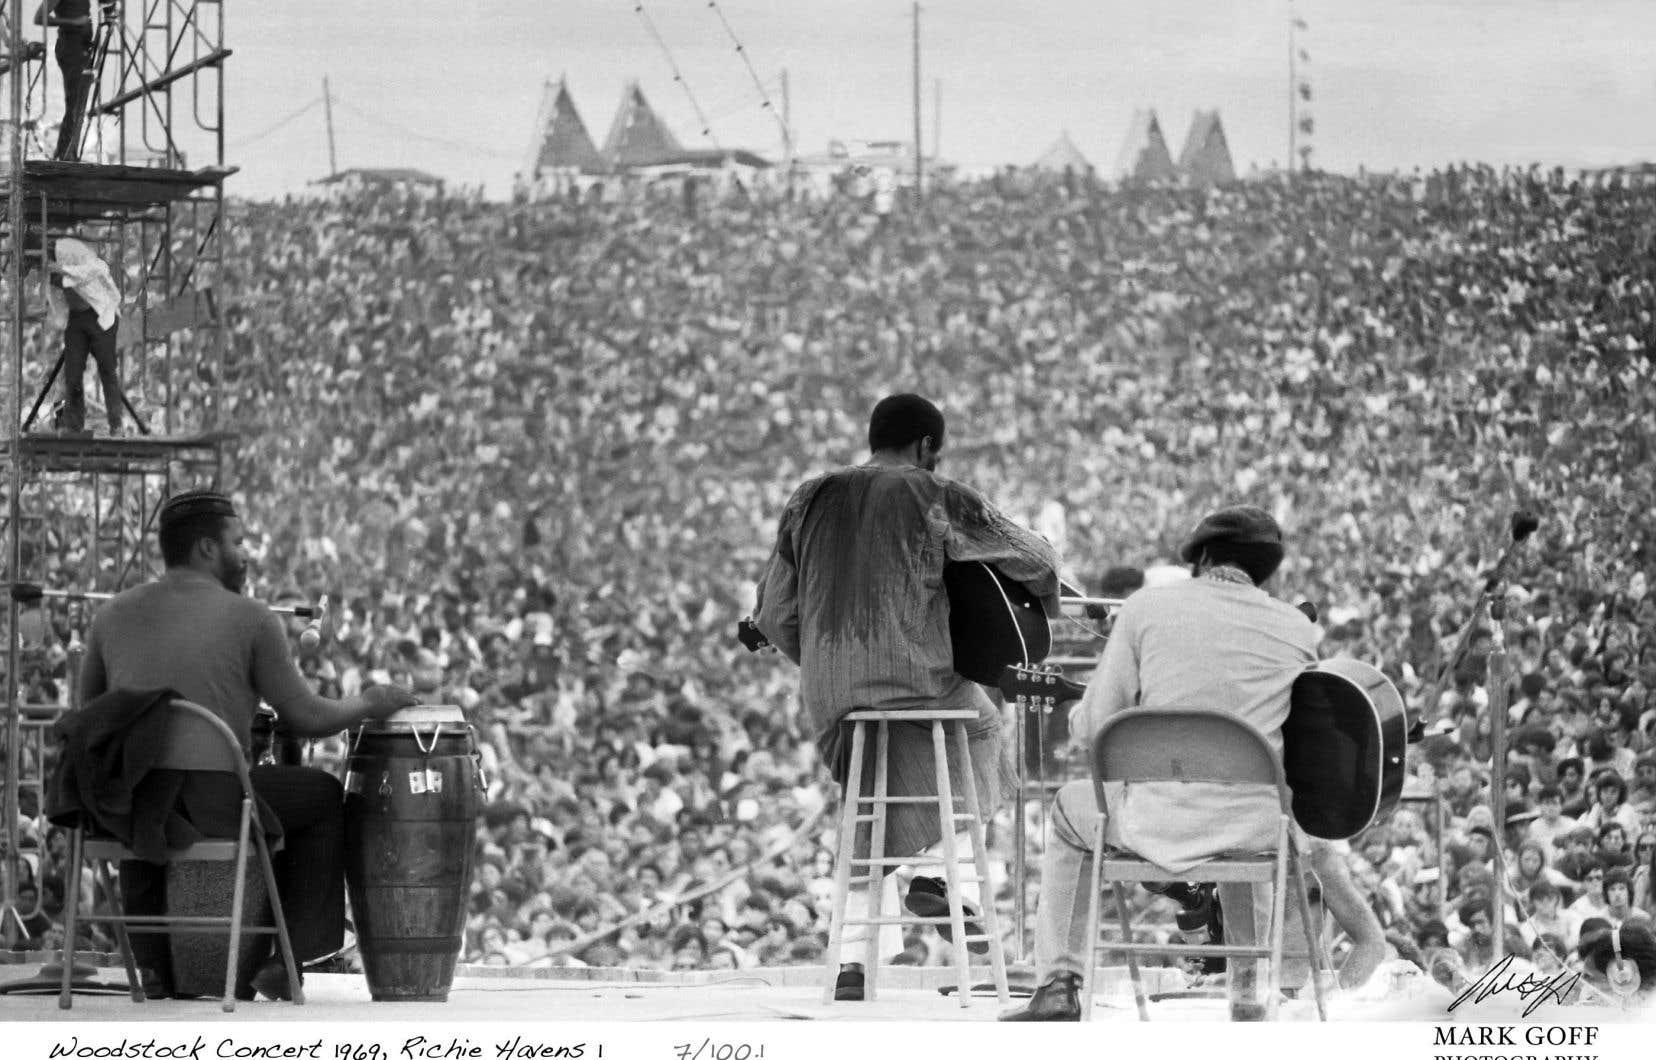 La prestation de Richie Havens, en 1969, est une des plus emblématiques de Woodstock.